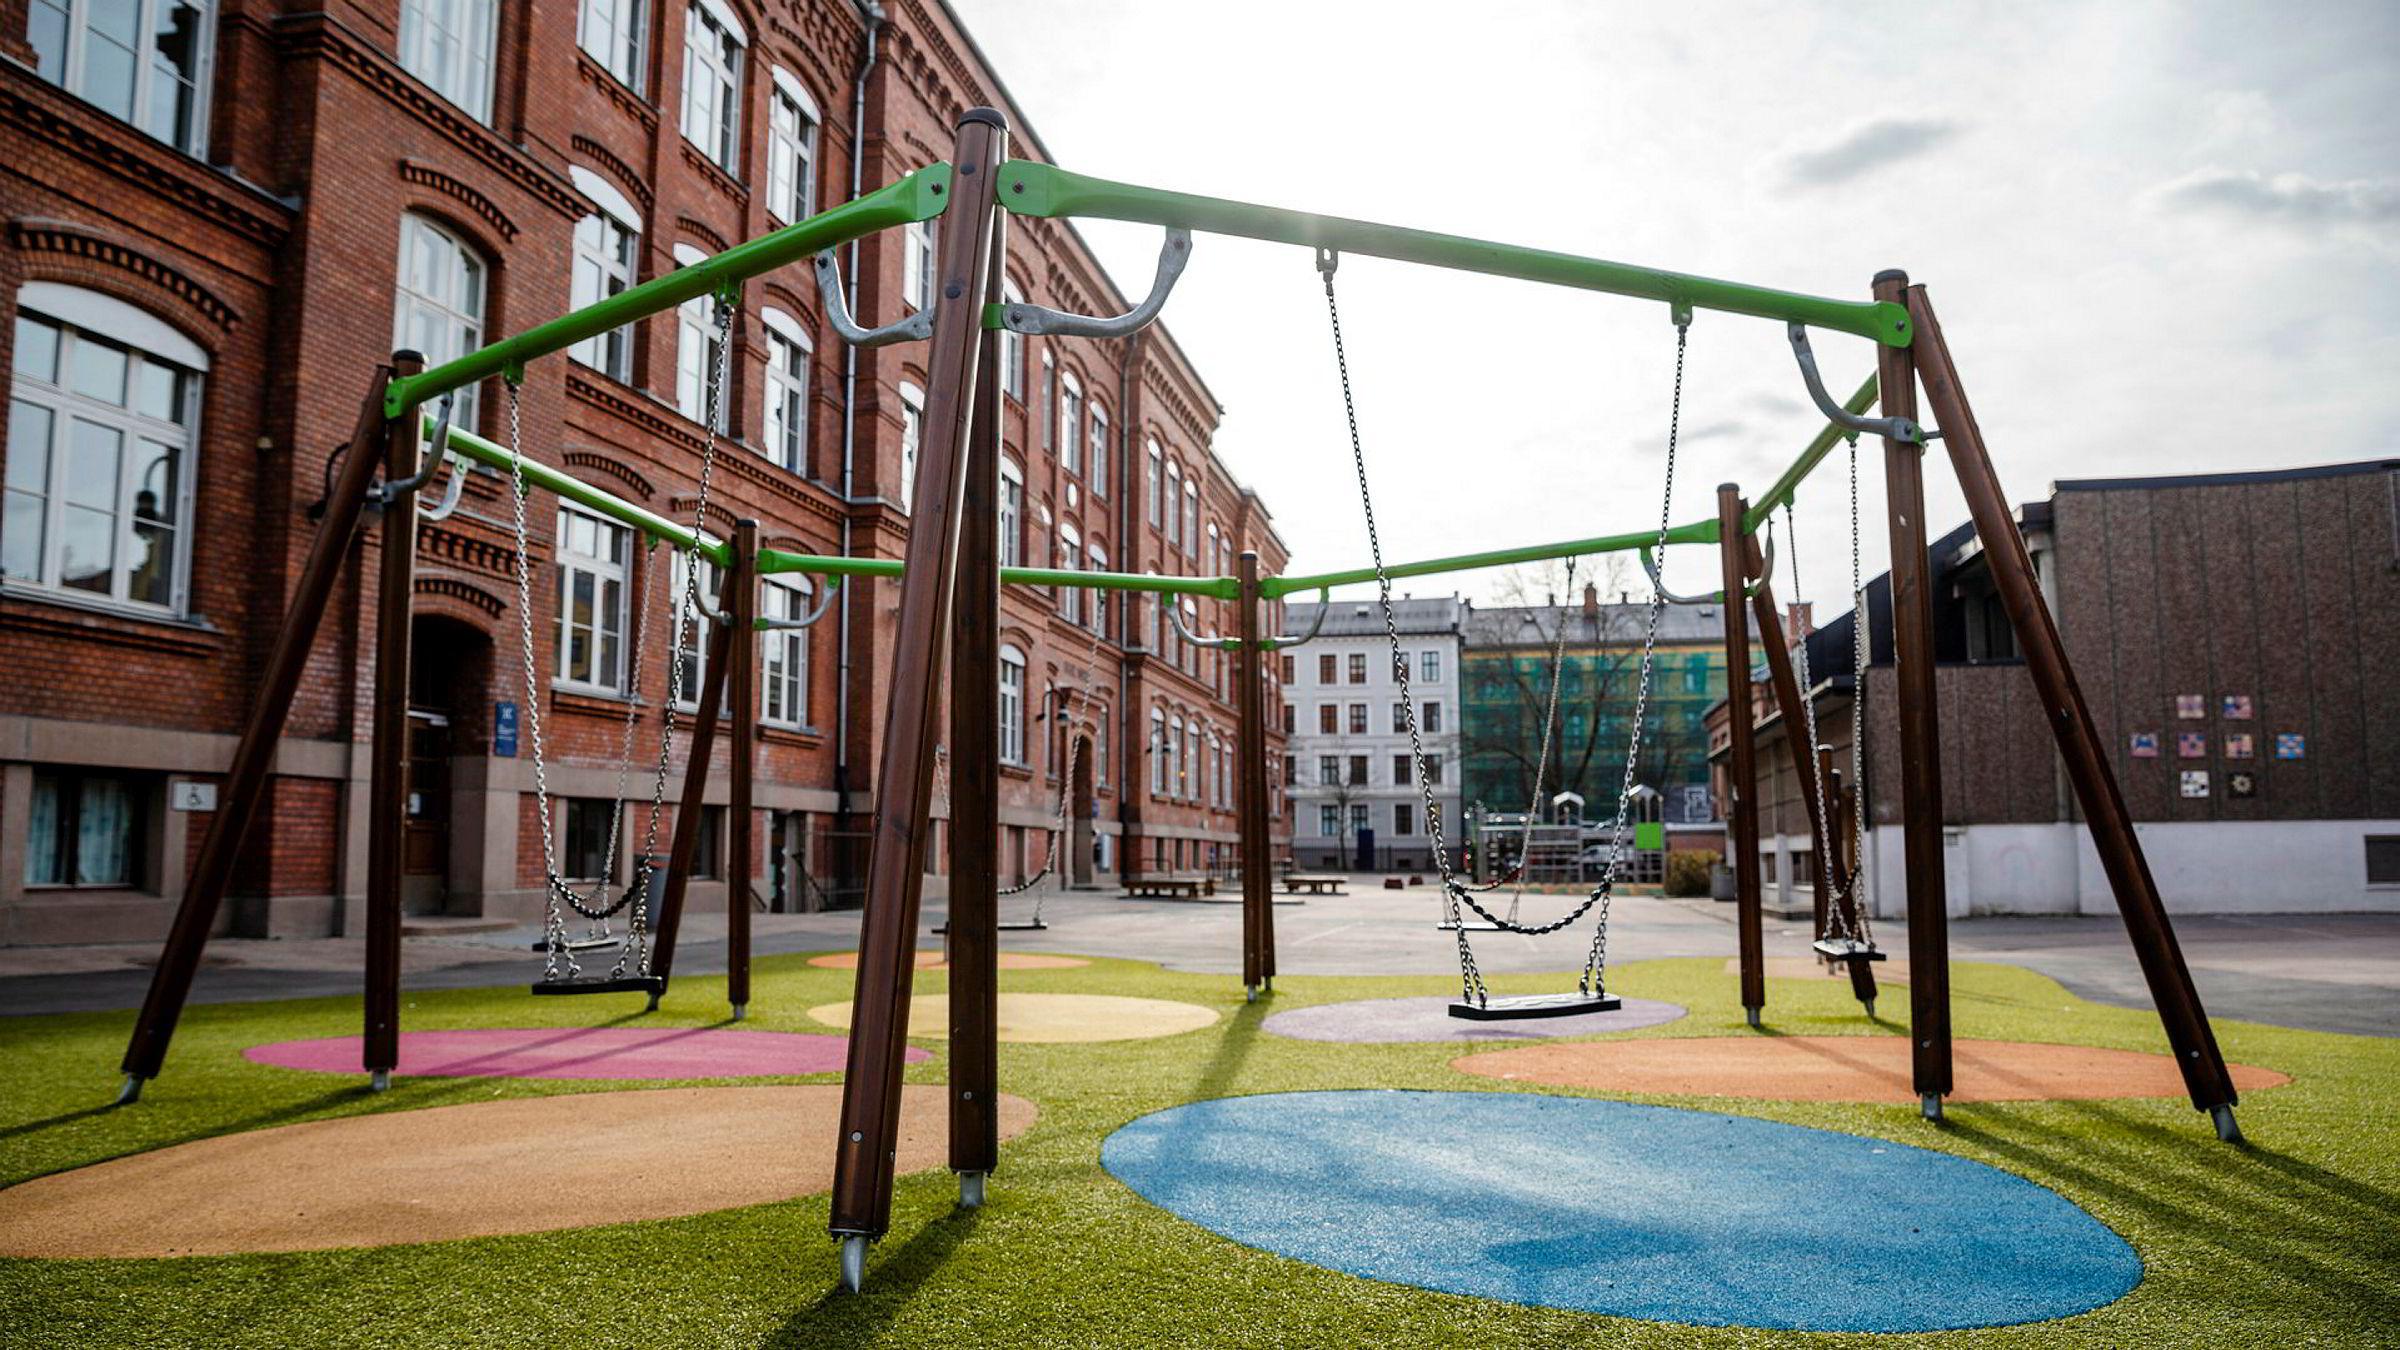 Det er uklart om nytten av å stenge barnehager og barneskoler, veier opp for de enorme omkostningene dette tiltaket har både sosialt og økonomisk.